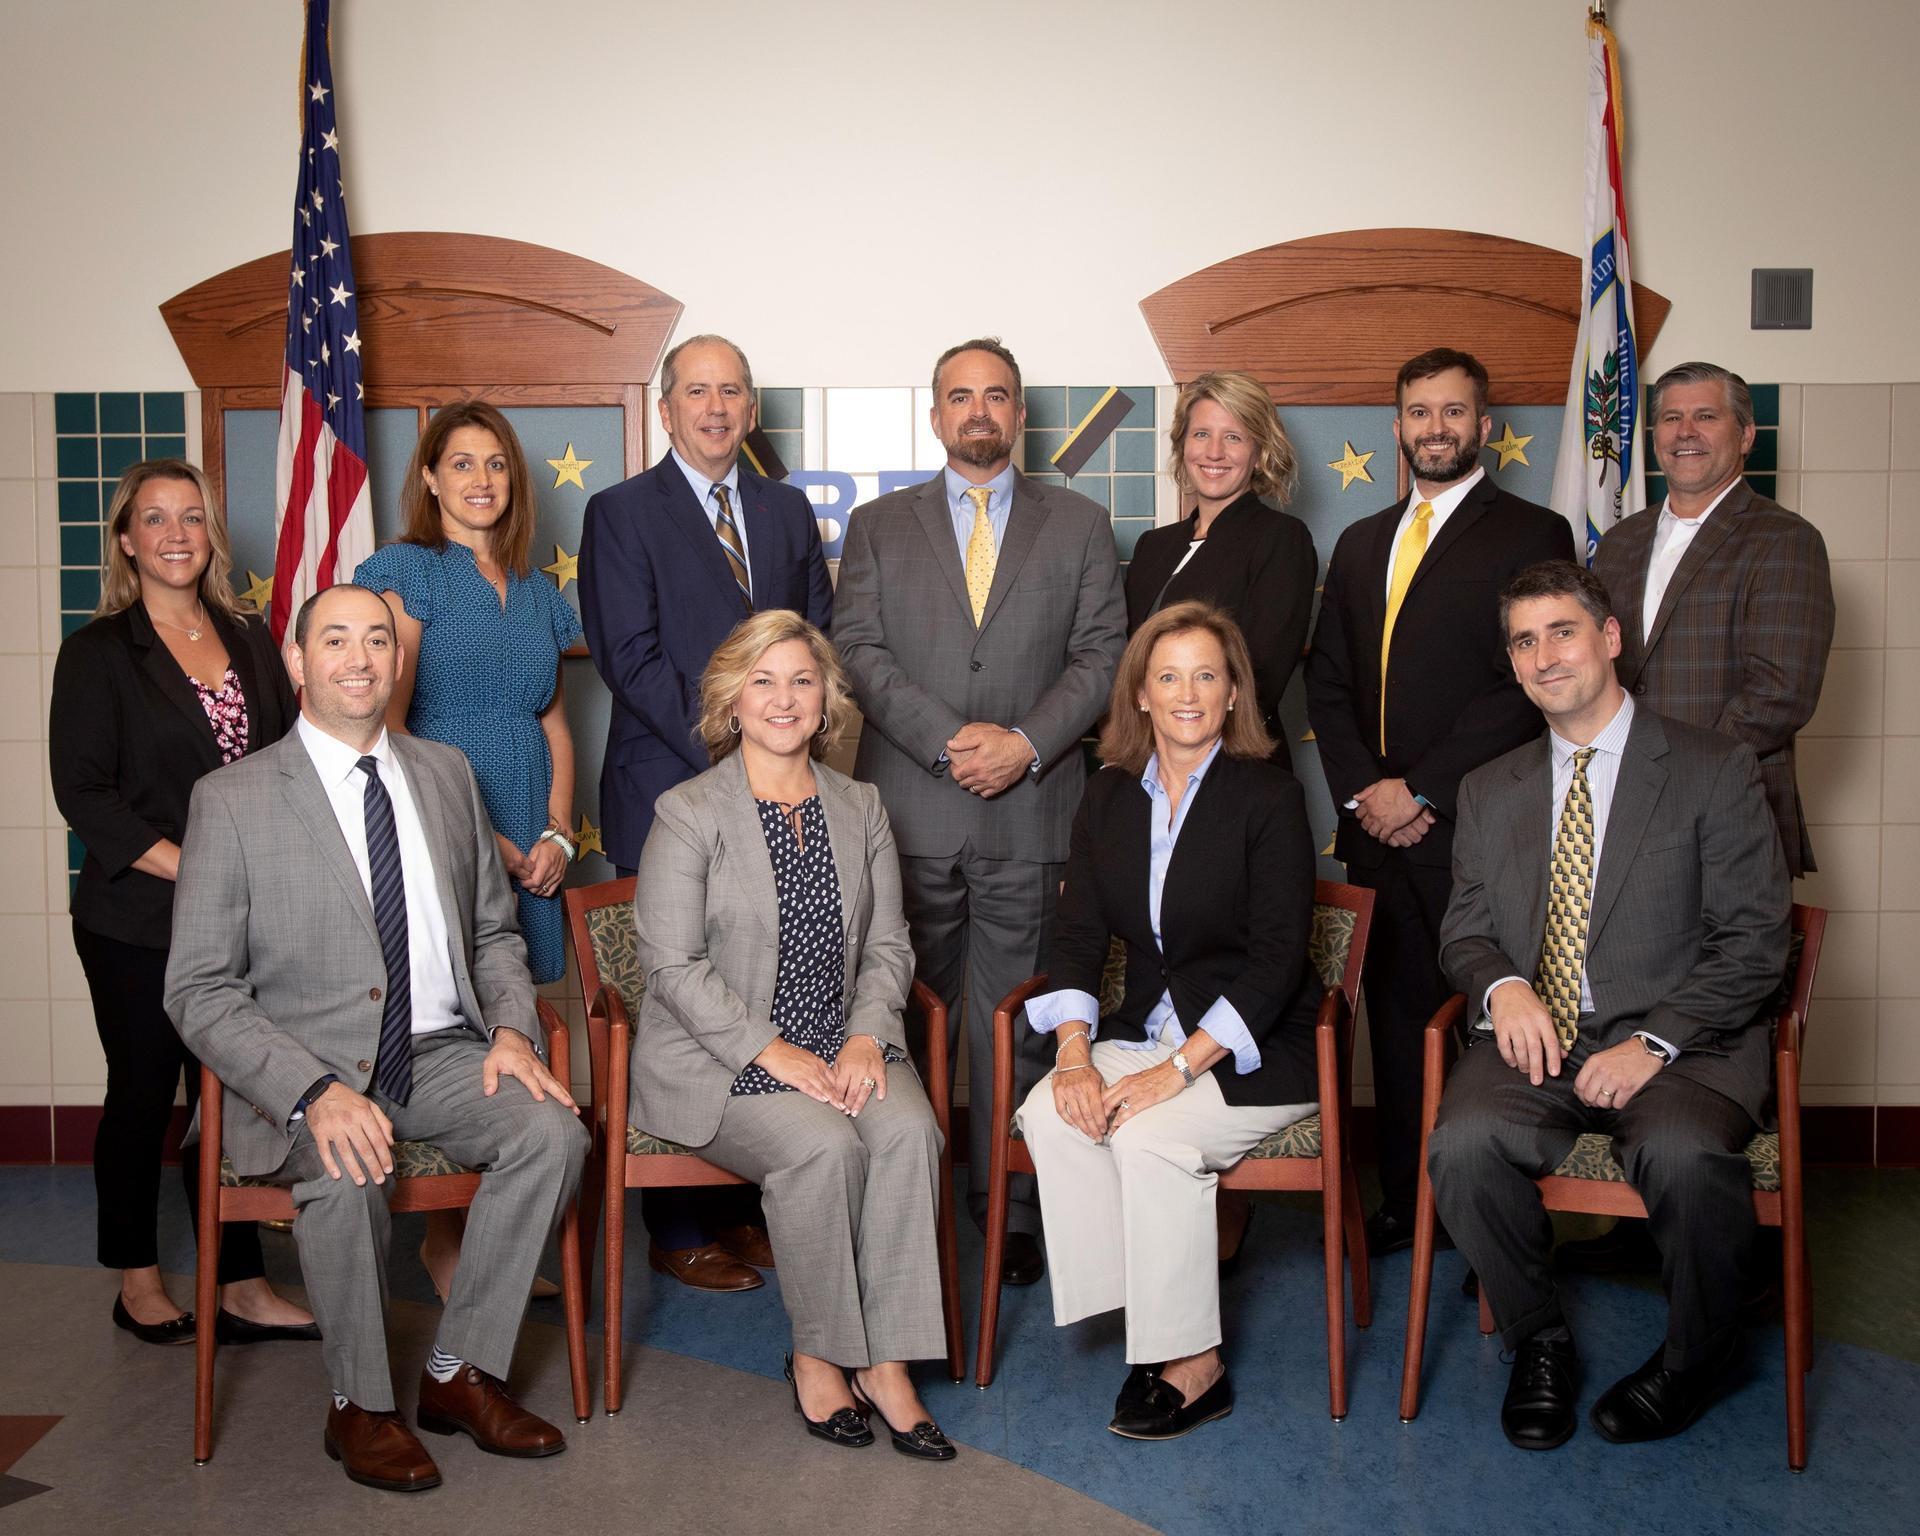 Board Members – School Board – Quaker Valley School District